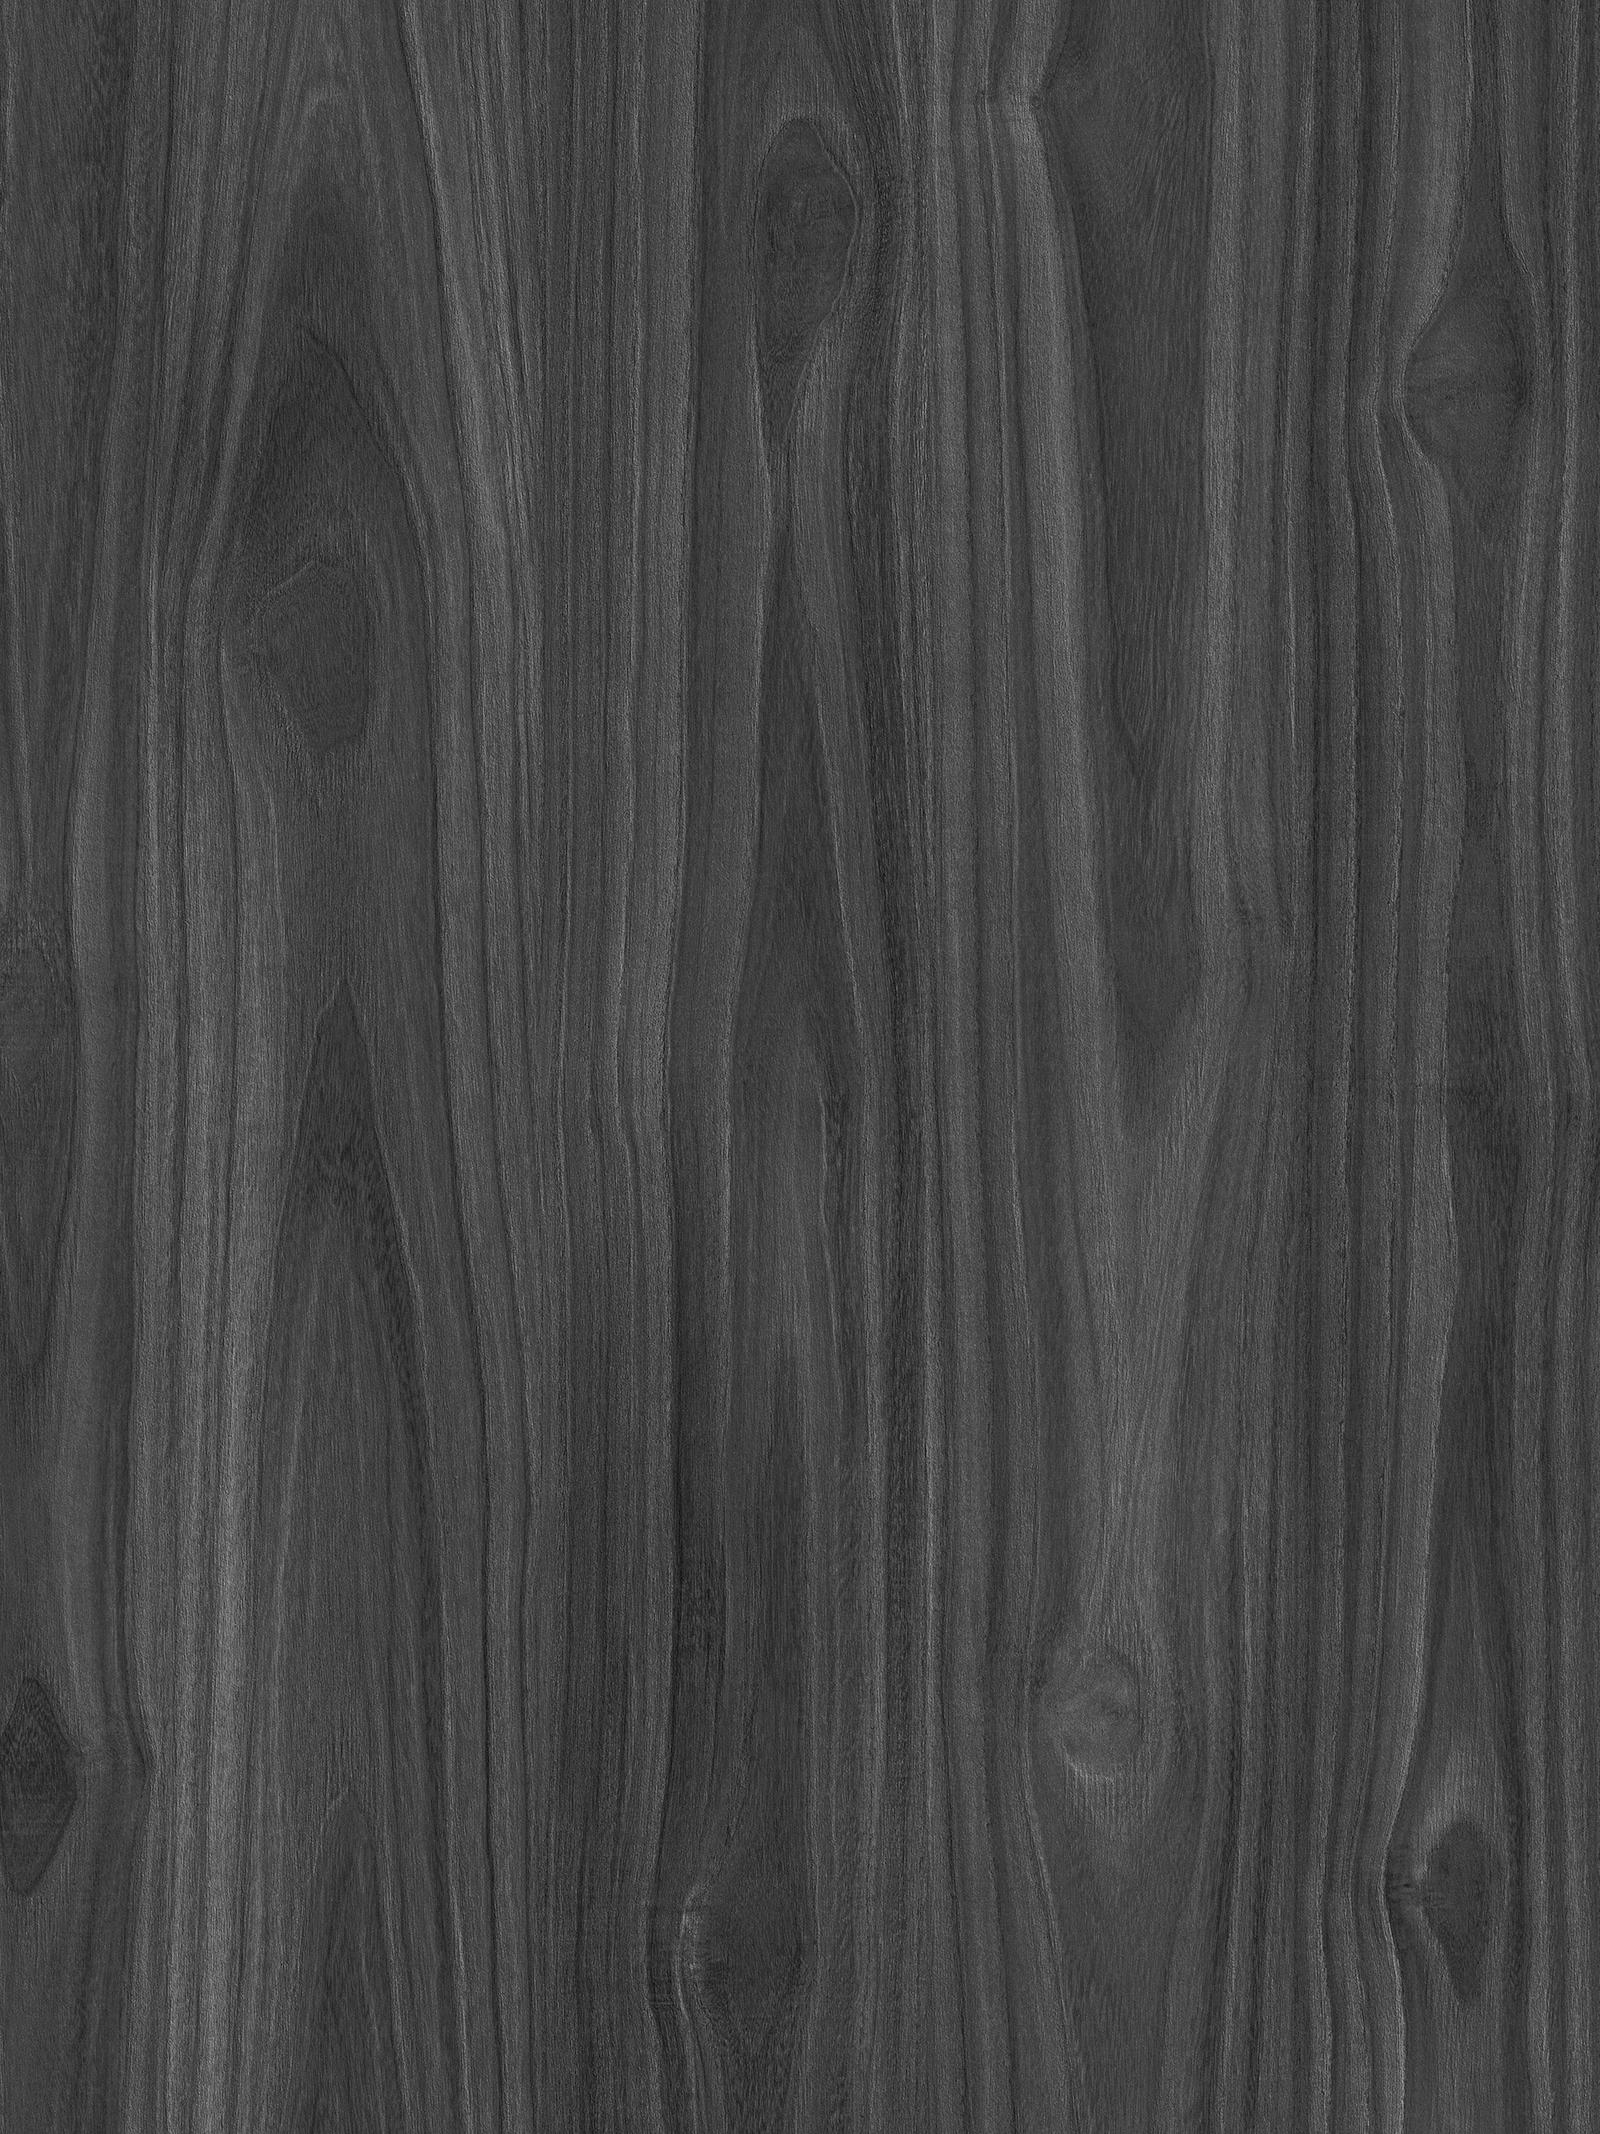 S161 Okobo detail